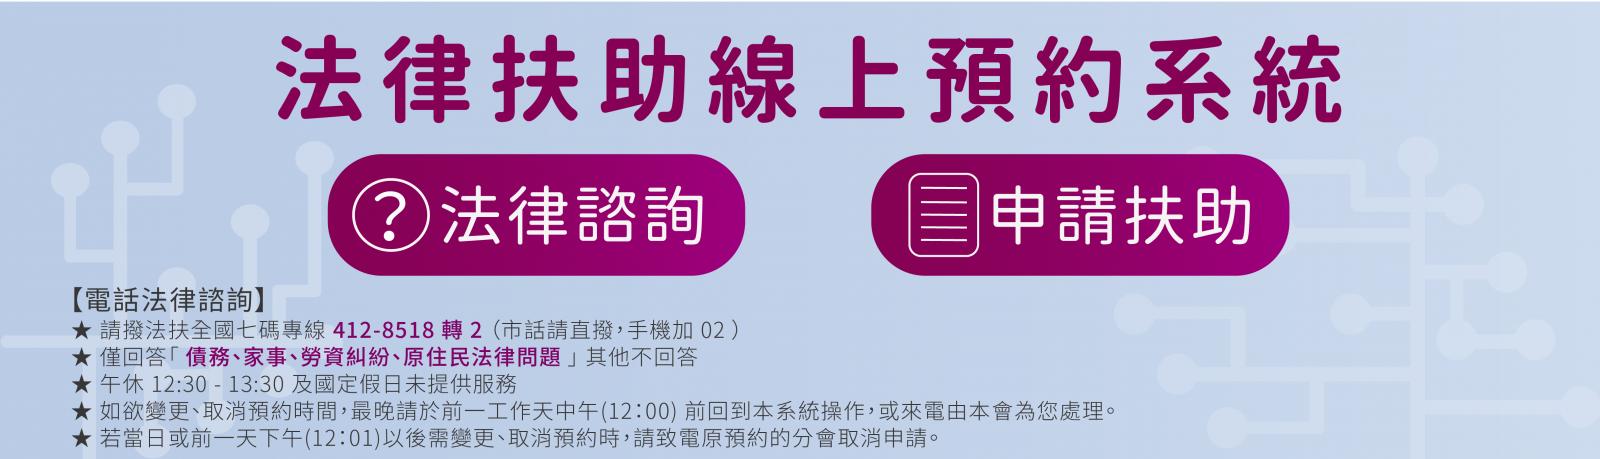 法律扶助線上預約系統